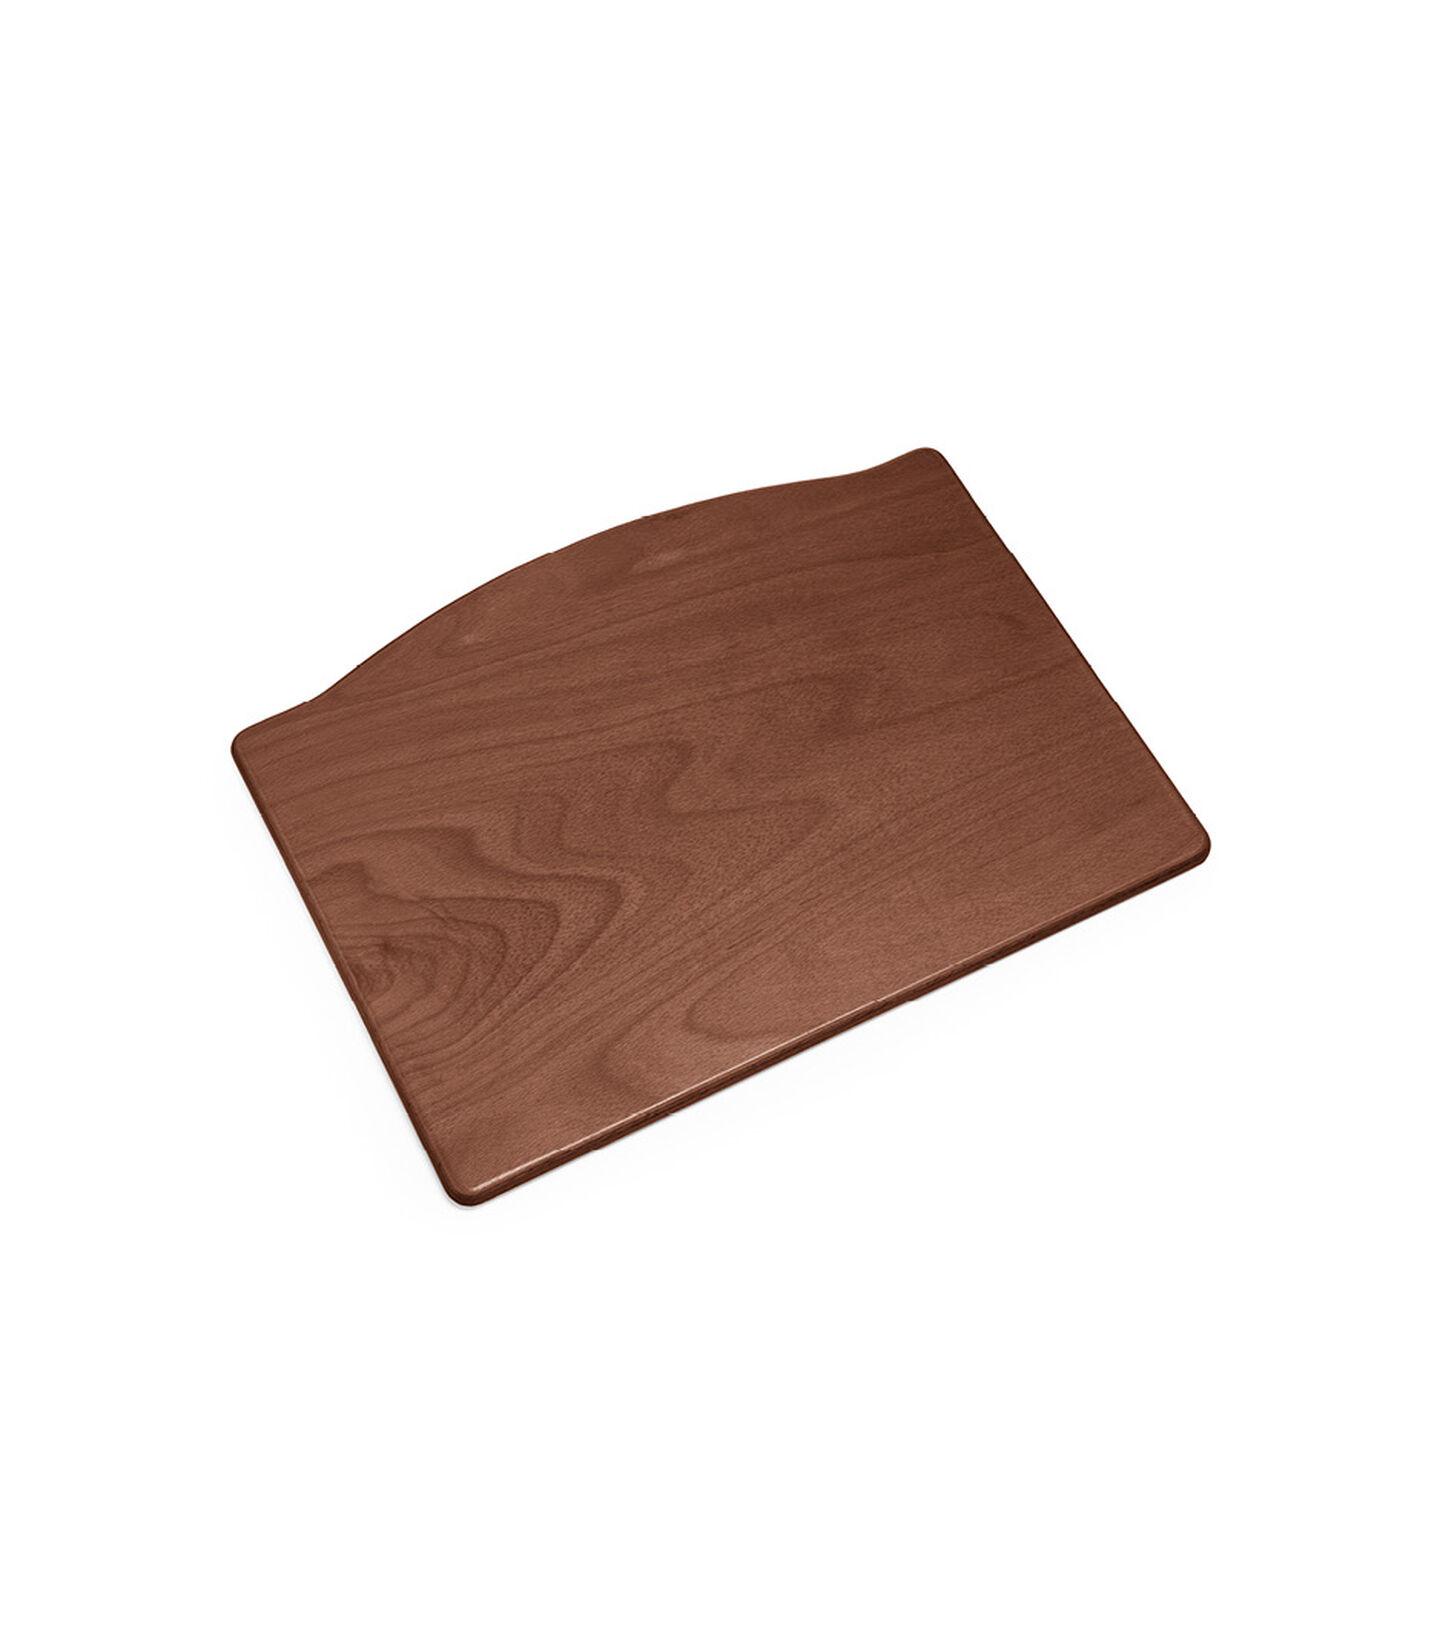 Tripp Trapp® Footplate Walnut Brown, Walnut, mainview view 2